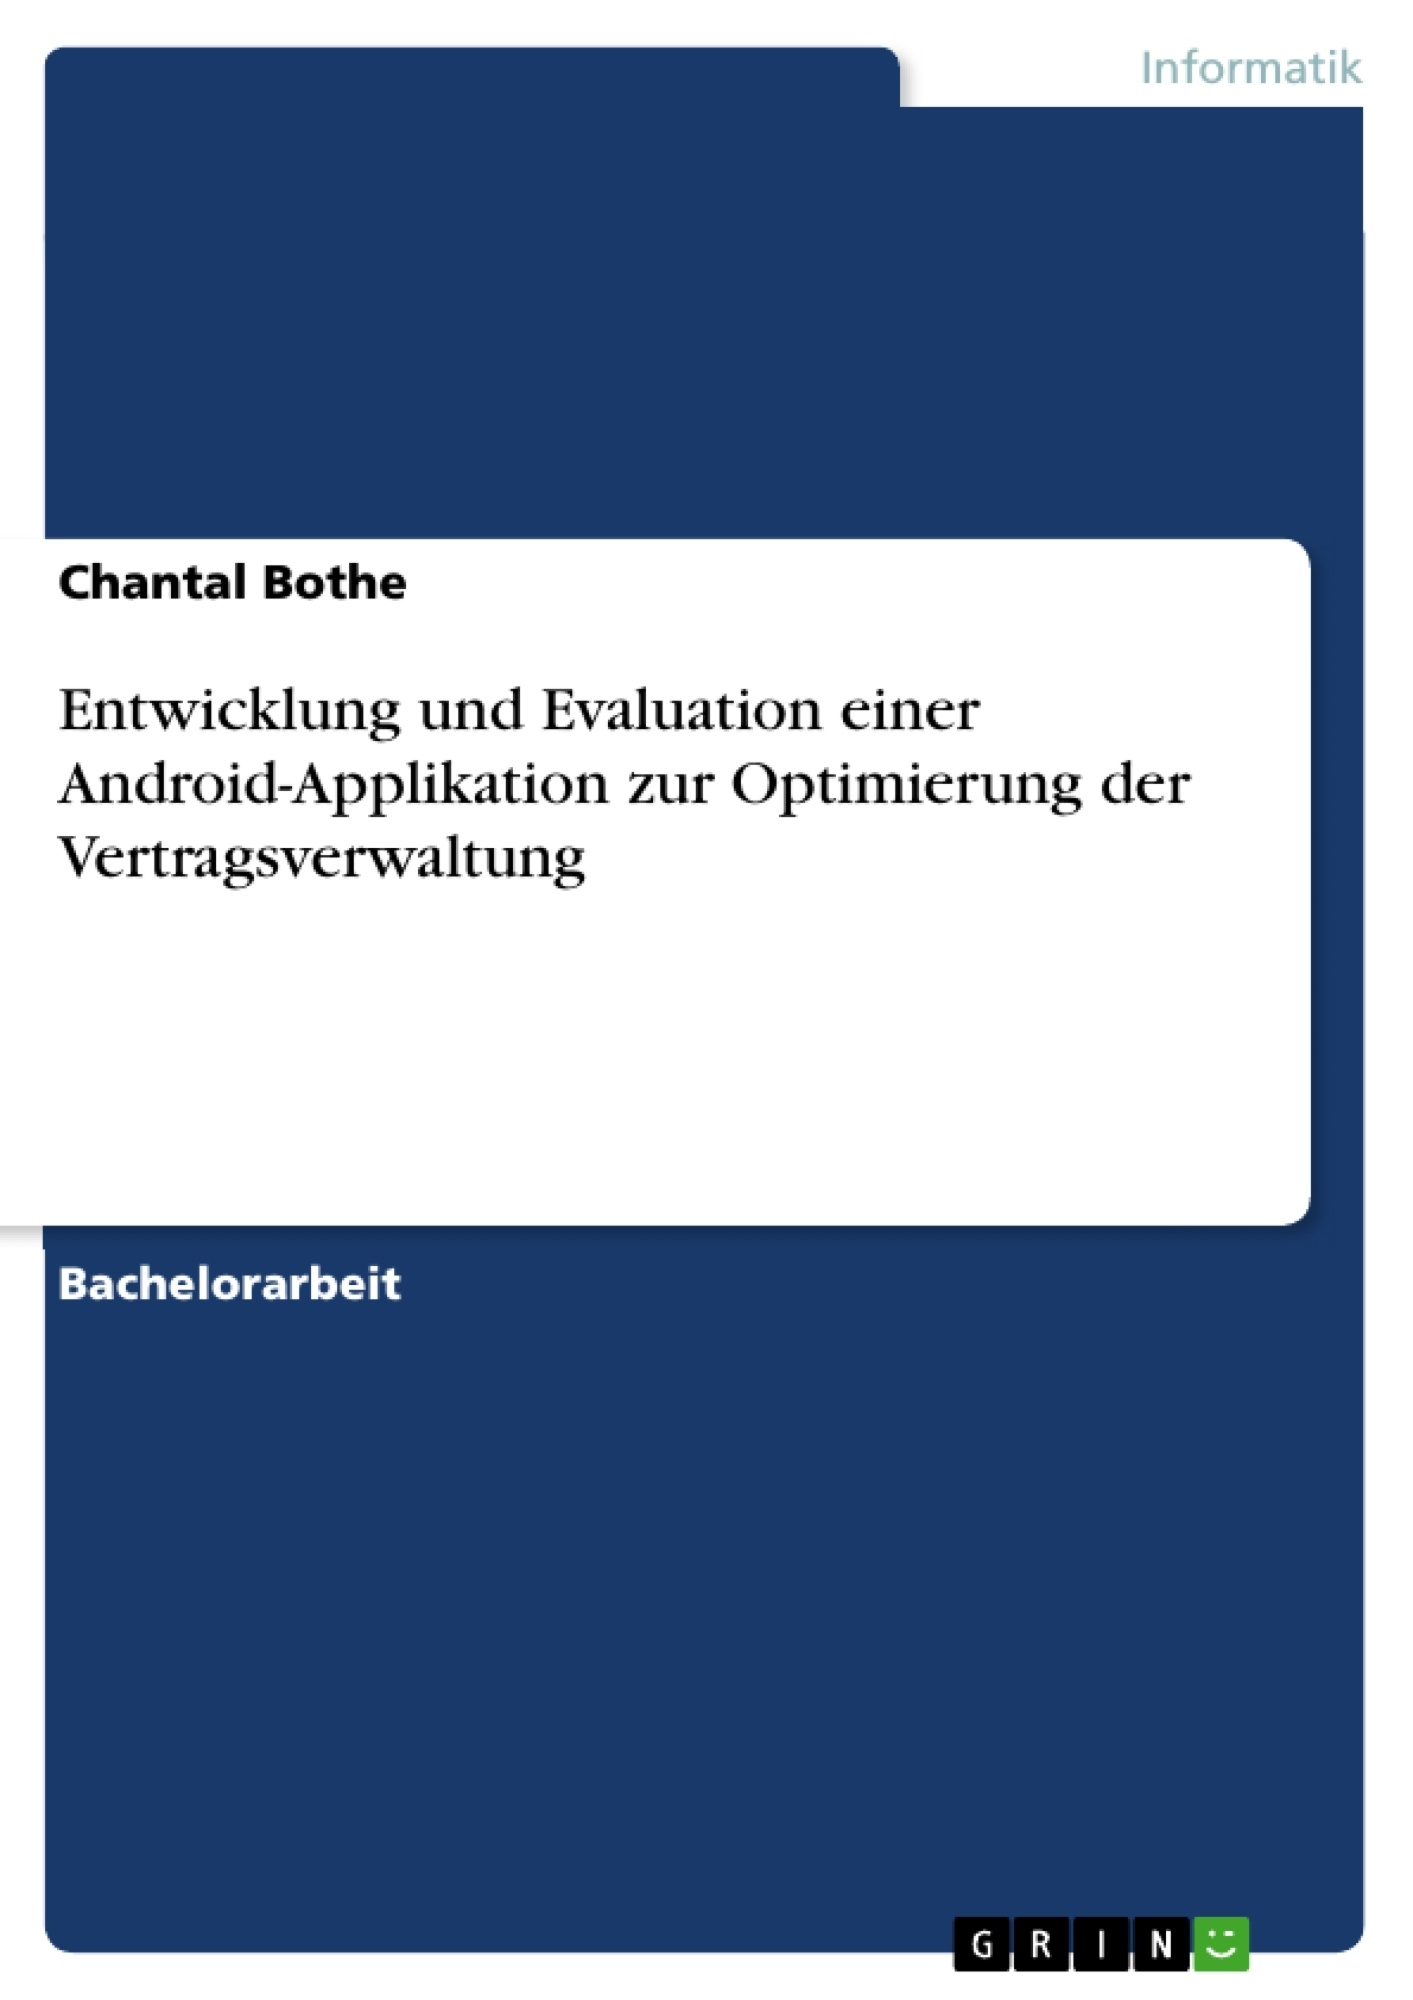 Titel: Entwicklung und Evaluation einer Android-Applikation zur Optimierung der Vertragsverwaltung